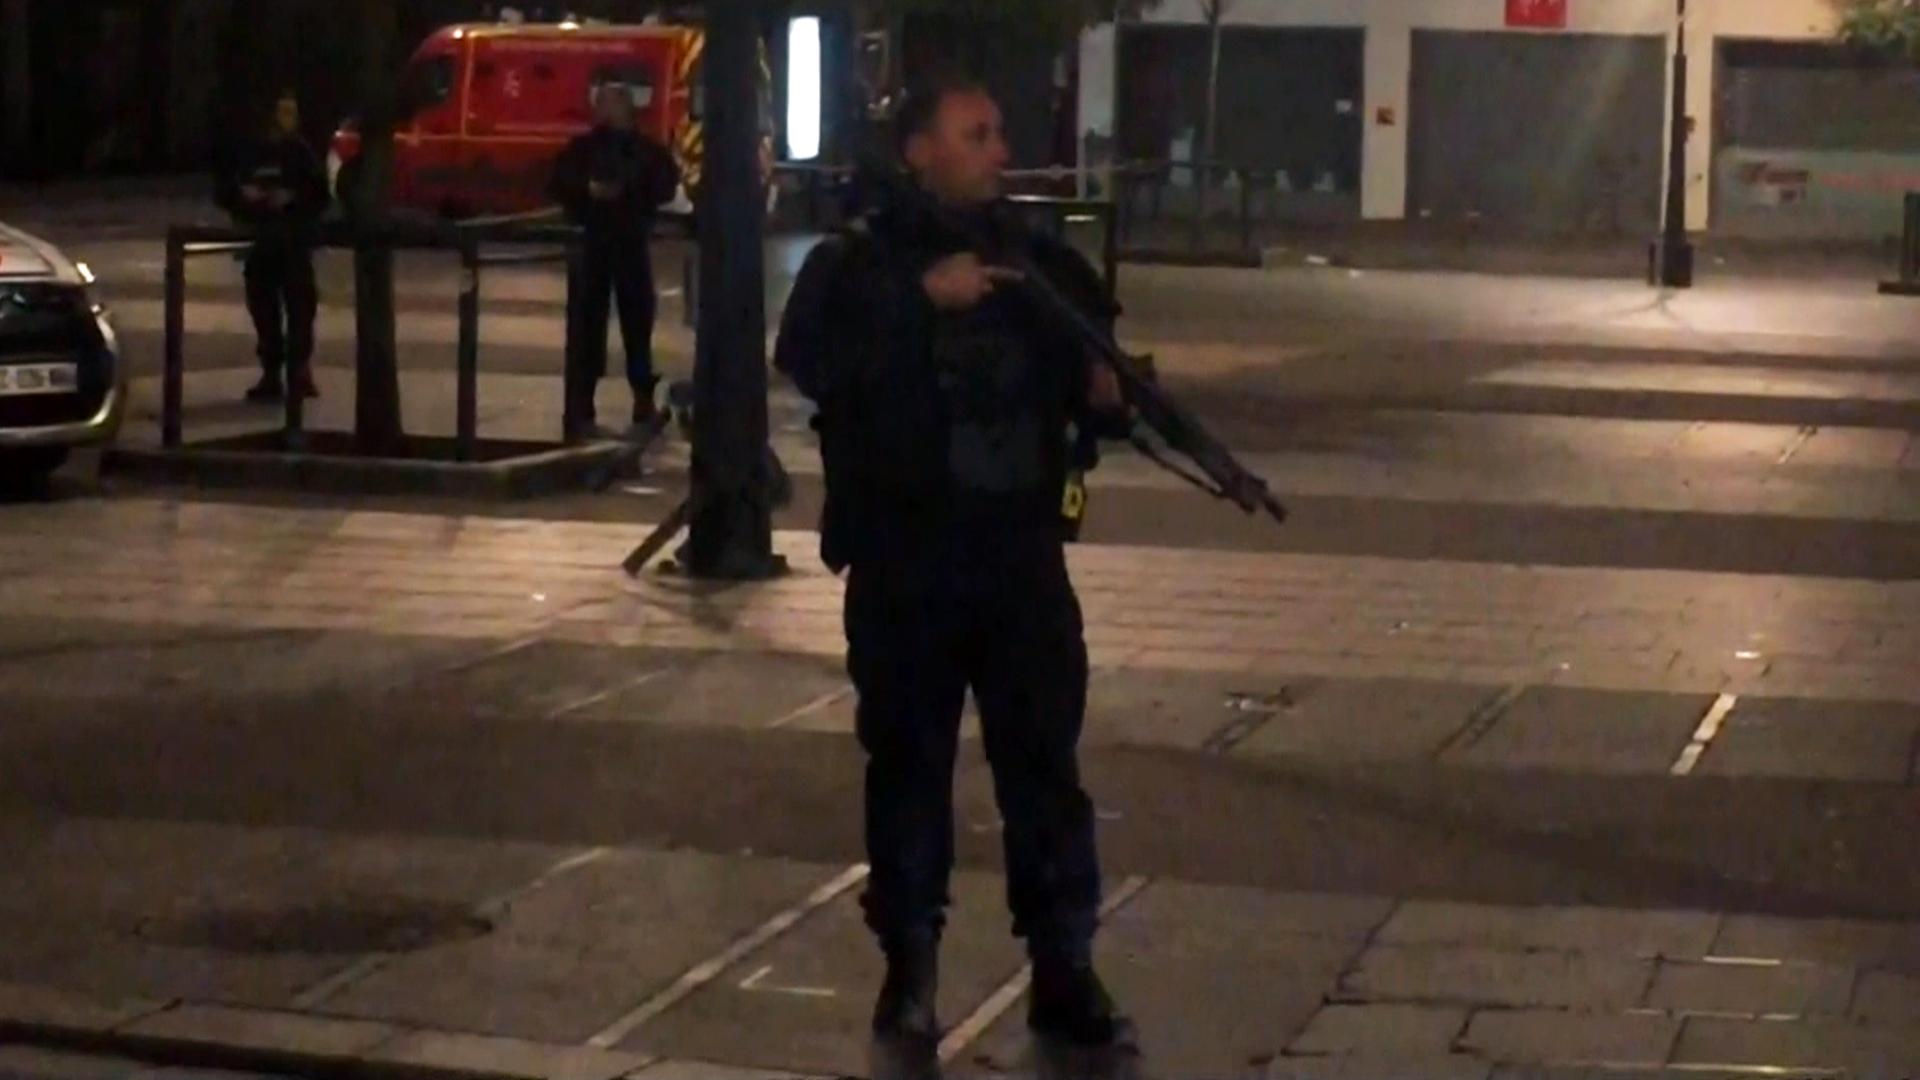 Paris Attacks: At Least 2 Dead, 8 Arrested During Saint-Denis Raid